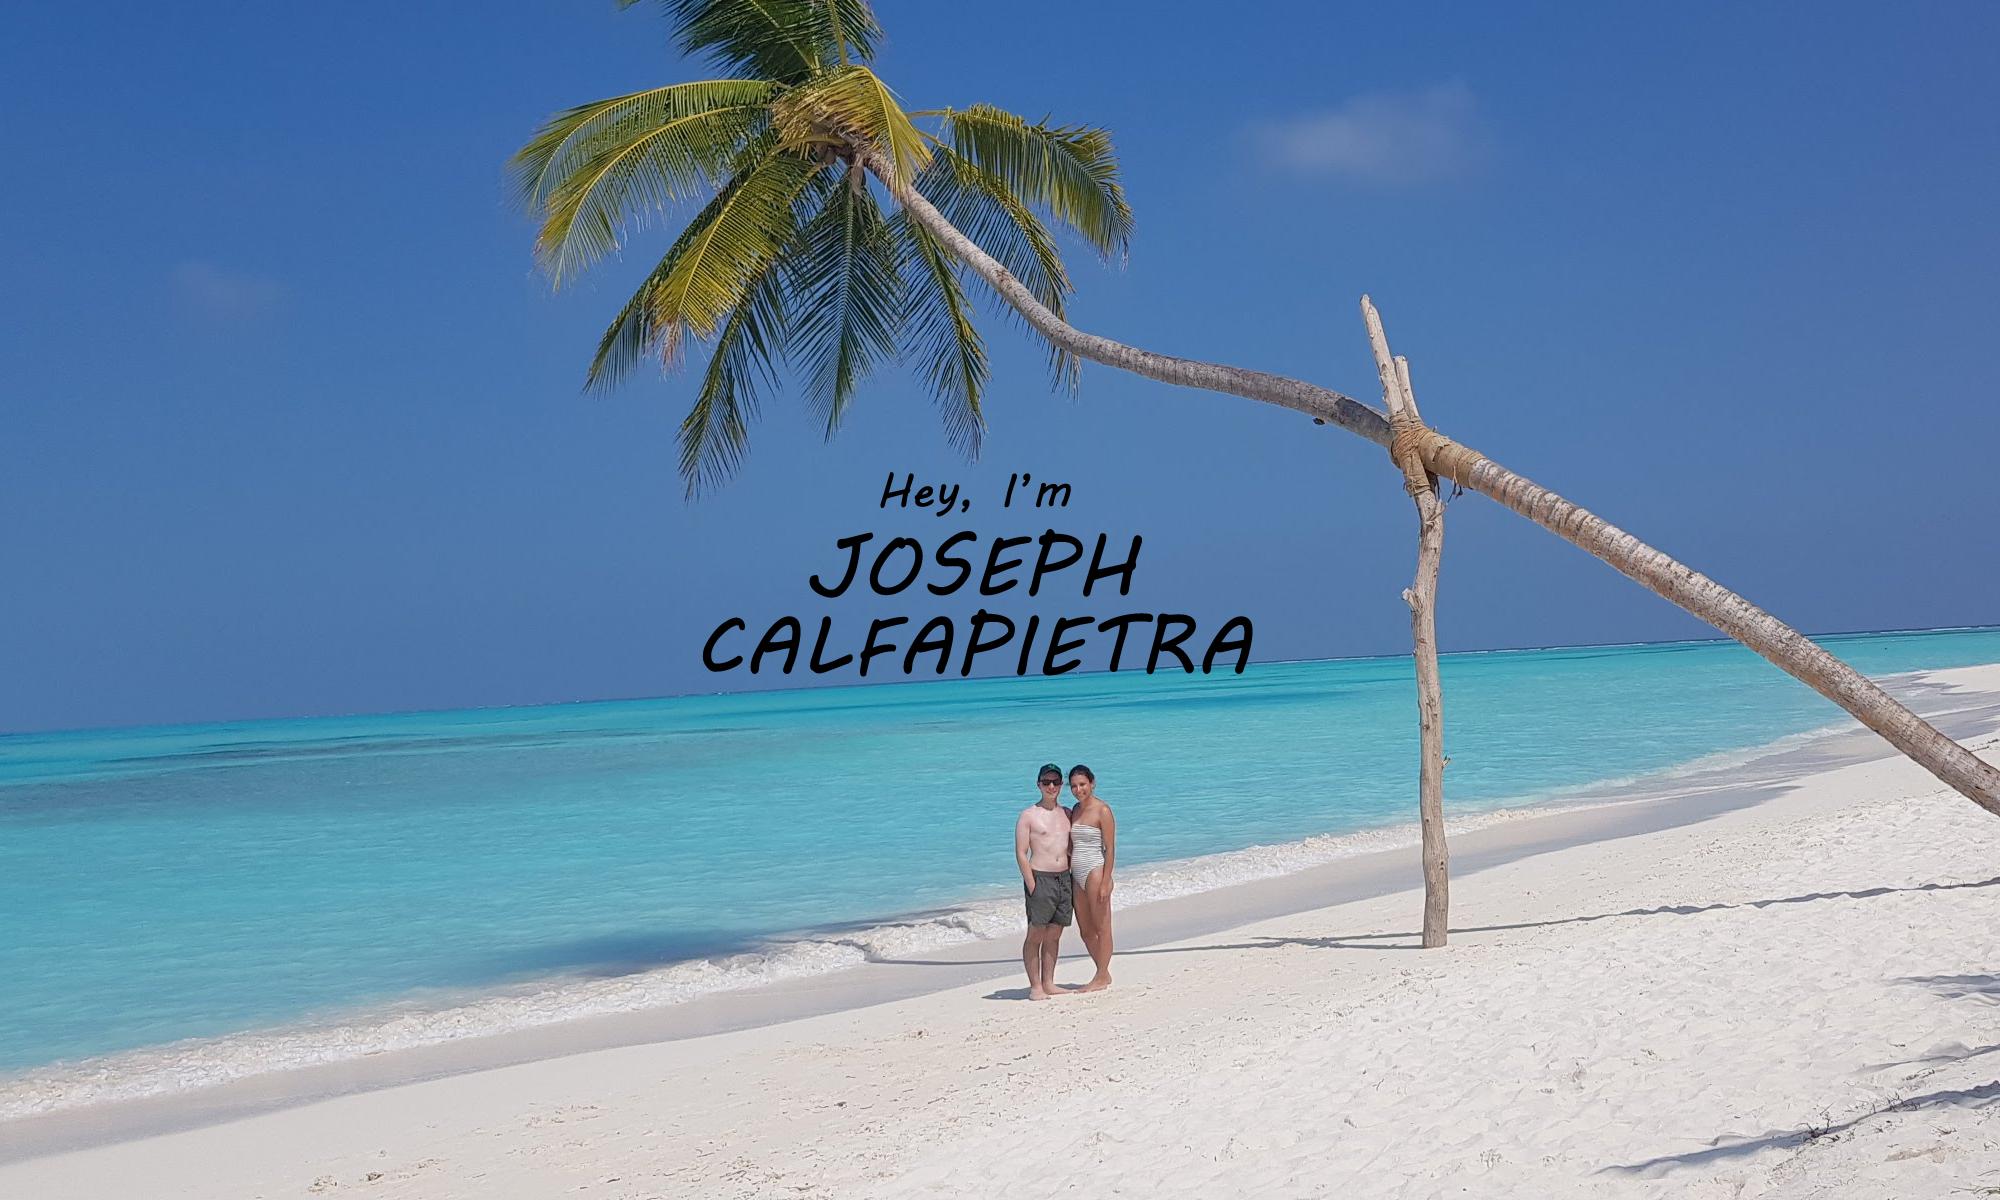 Joseph Calfapietra